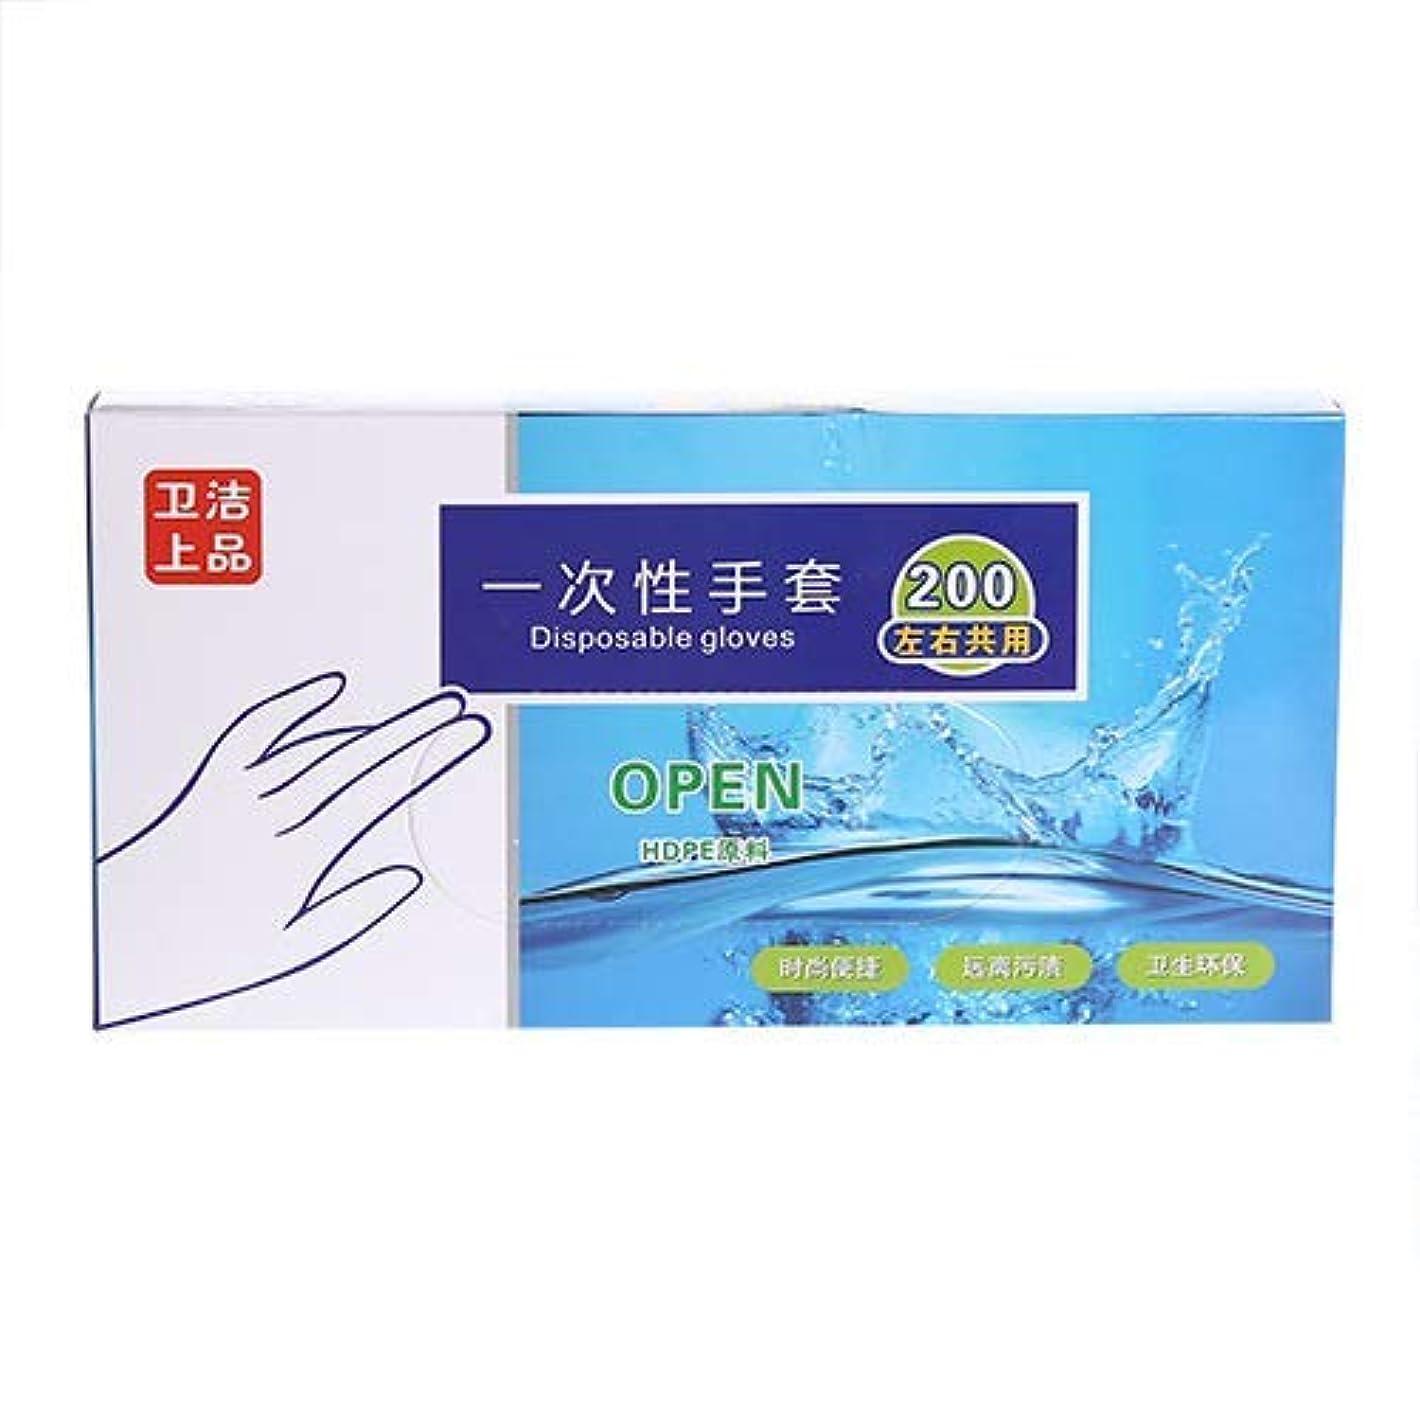 へこみ明日クライストチャーチ使い捨て手袋 ニトリルグローブ ホワイト 粉なし 100枚入り /200枚入り